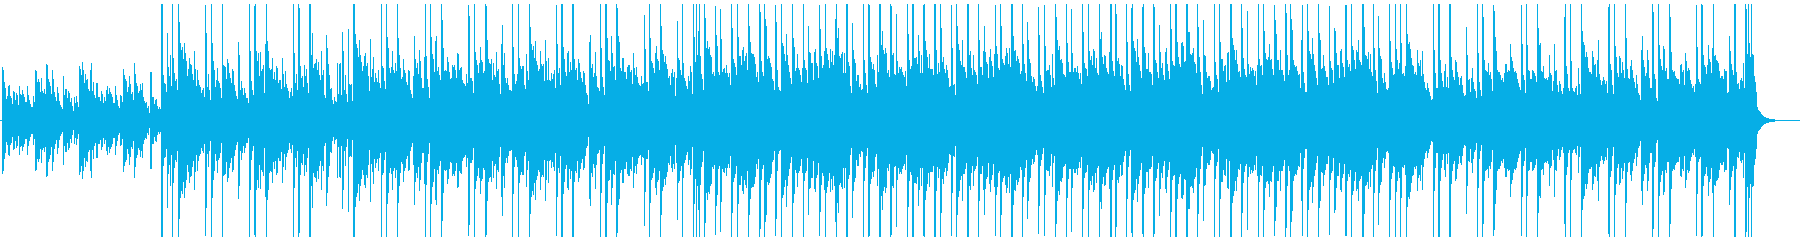 日常シーンなどに使えるBGMの再生済みの波形